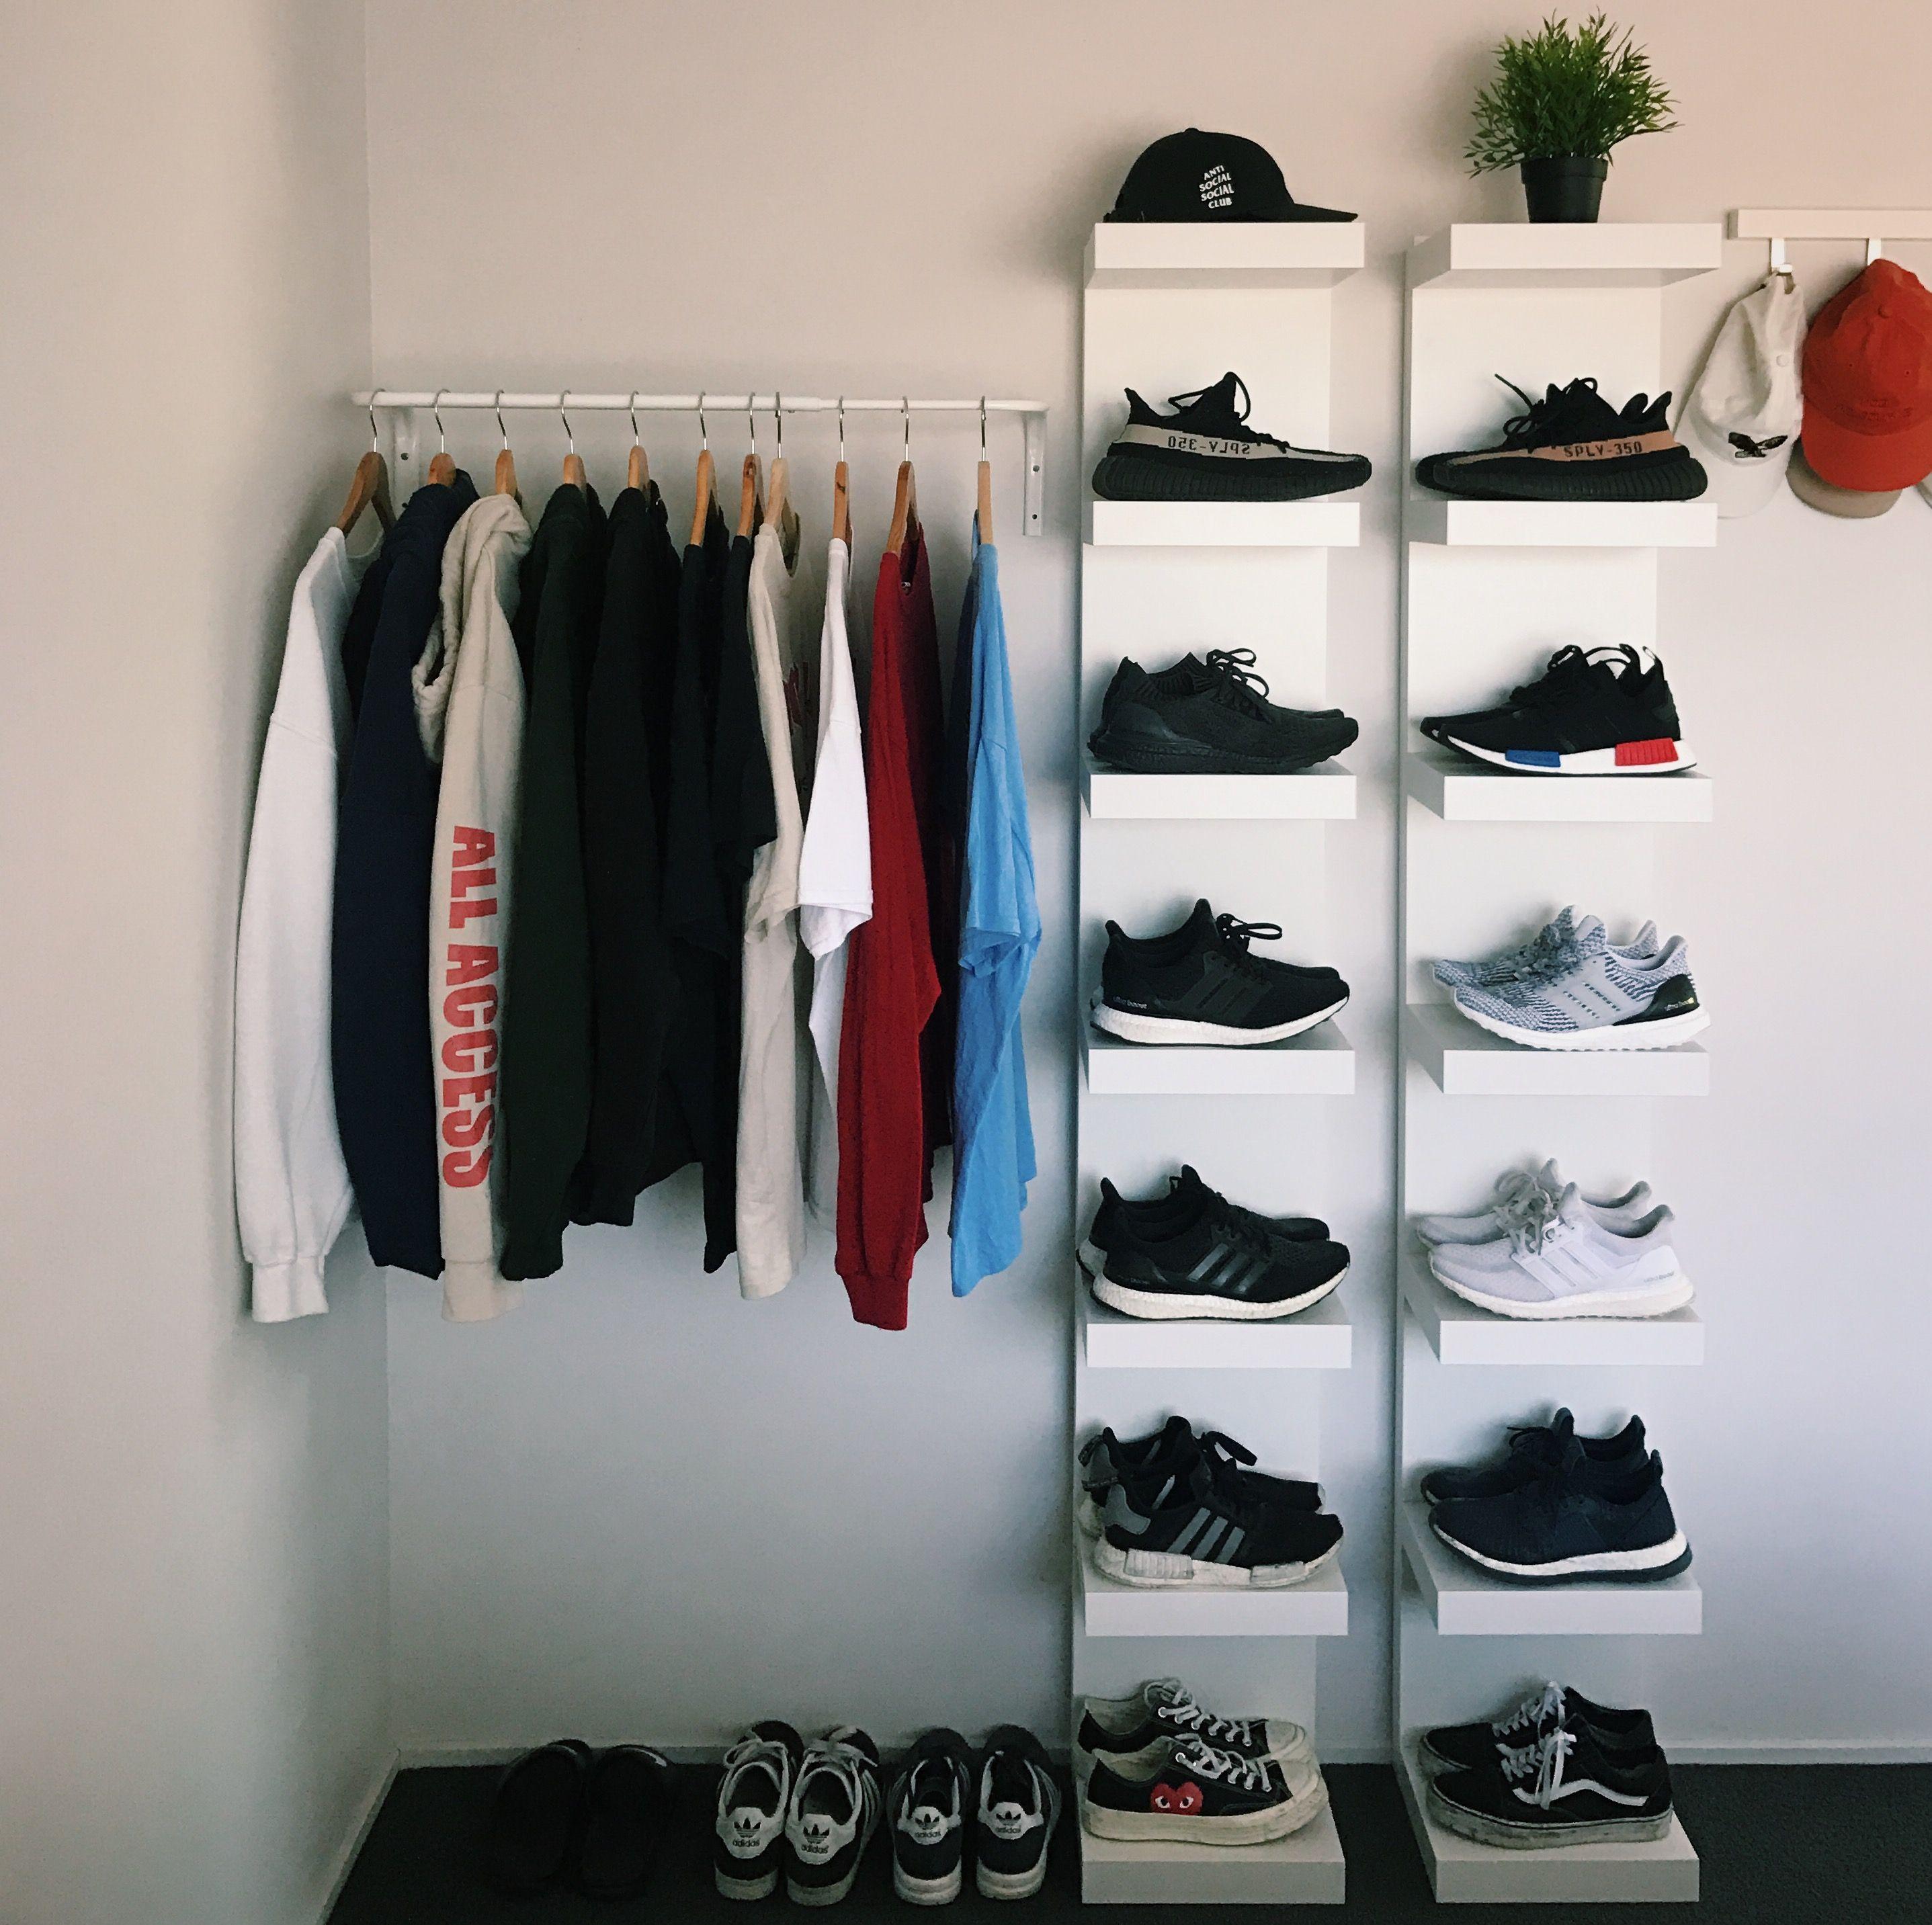 Wohn Design, Wohnen, Männliches Schlafzimmer, Streetwear Mode, Laufschuhe,  Zimmerdekoration, Schlafzimmerdesign, Schlafzimmer Ideen, Speicherideen